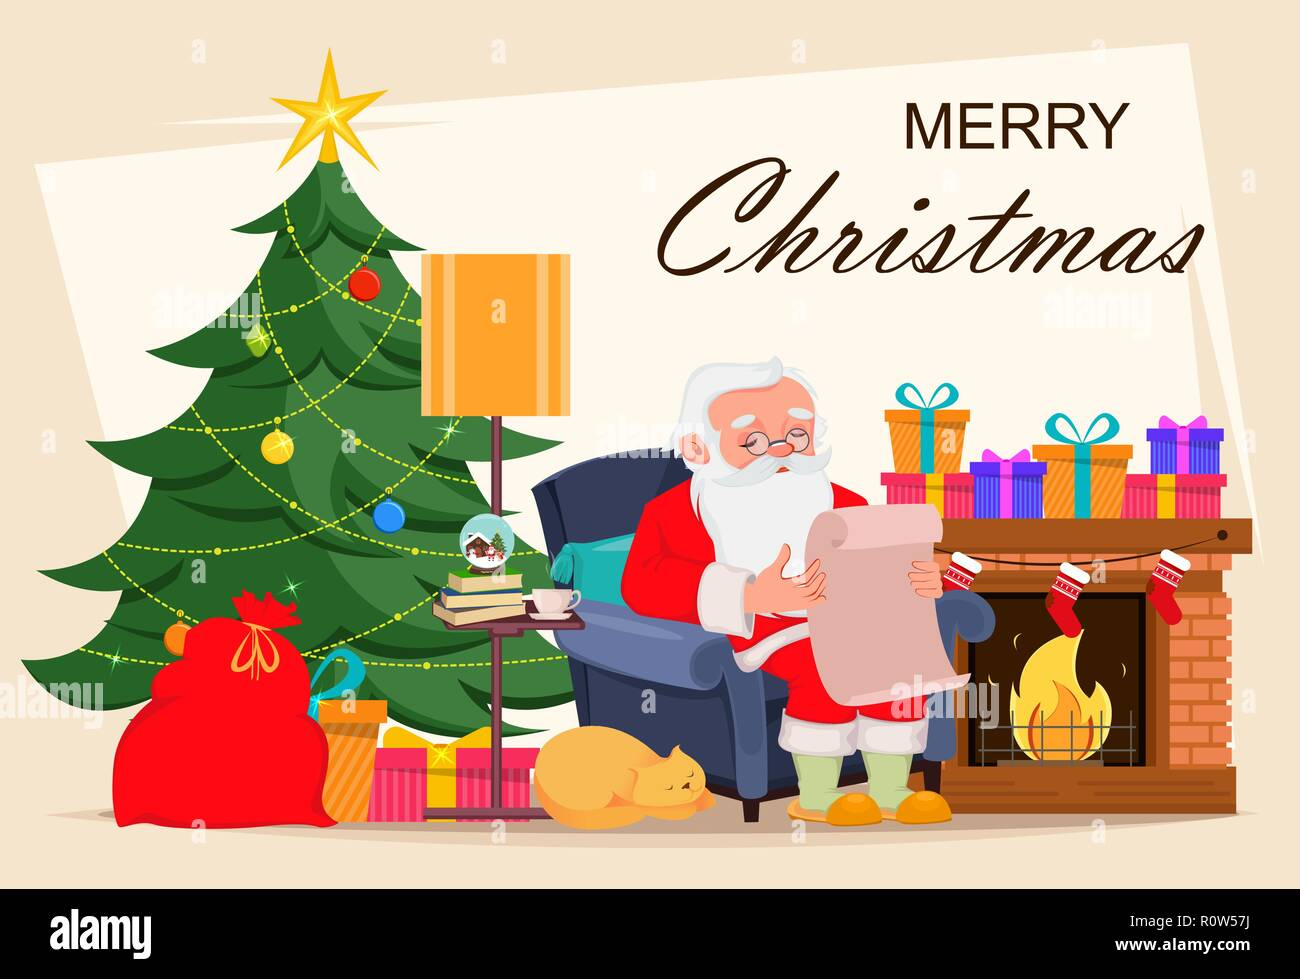 Biglietti Buon Natale Bambini.Buon Natale Biglietto Di Auguri Con Babbo Natale Seduto In Poltrona